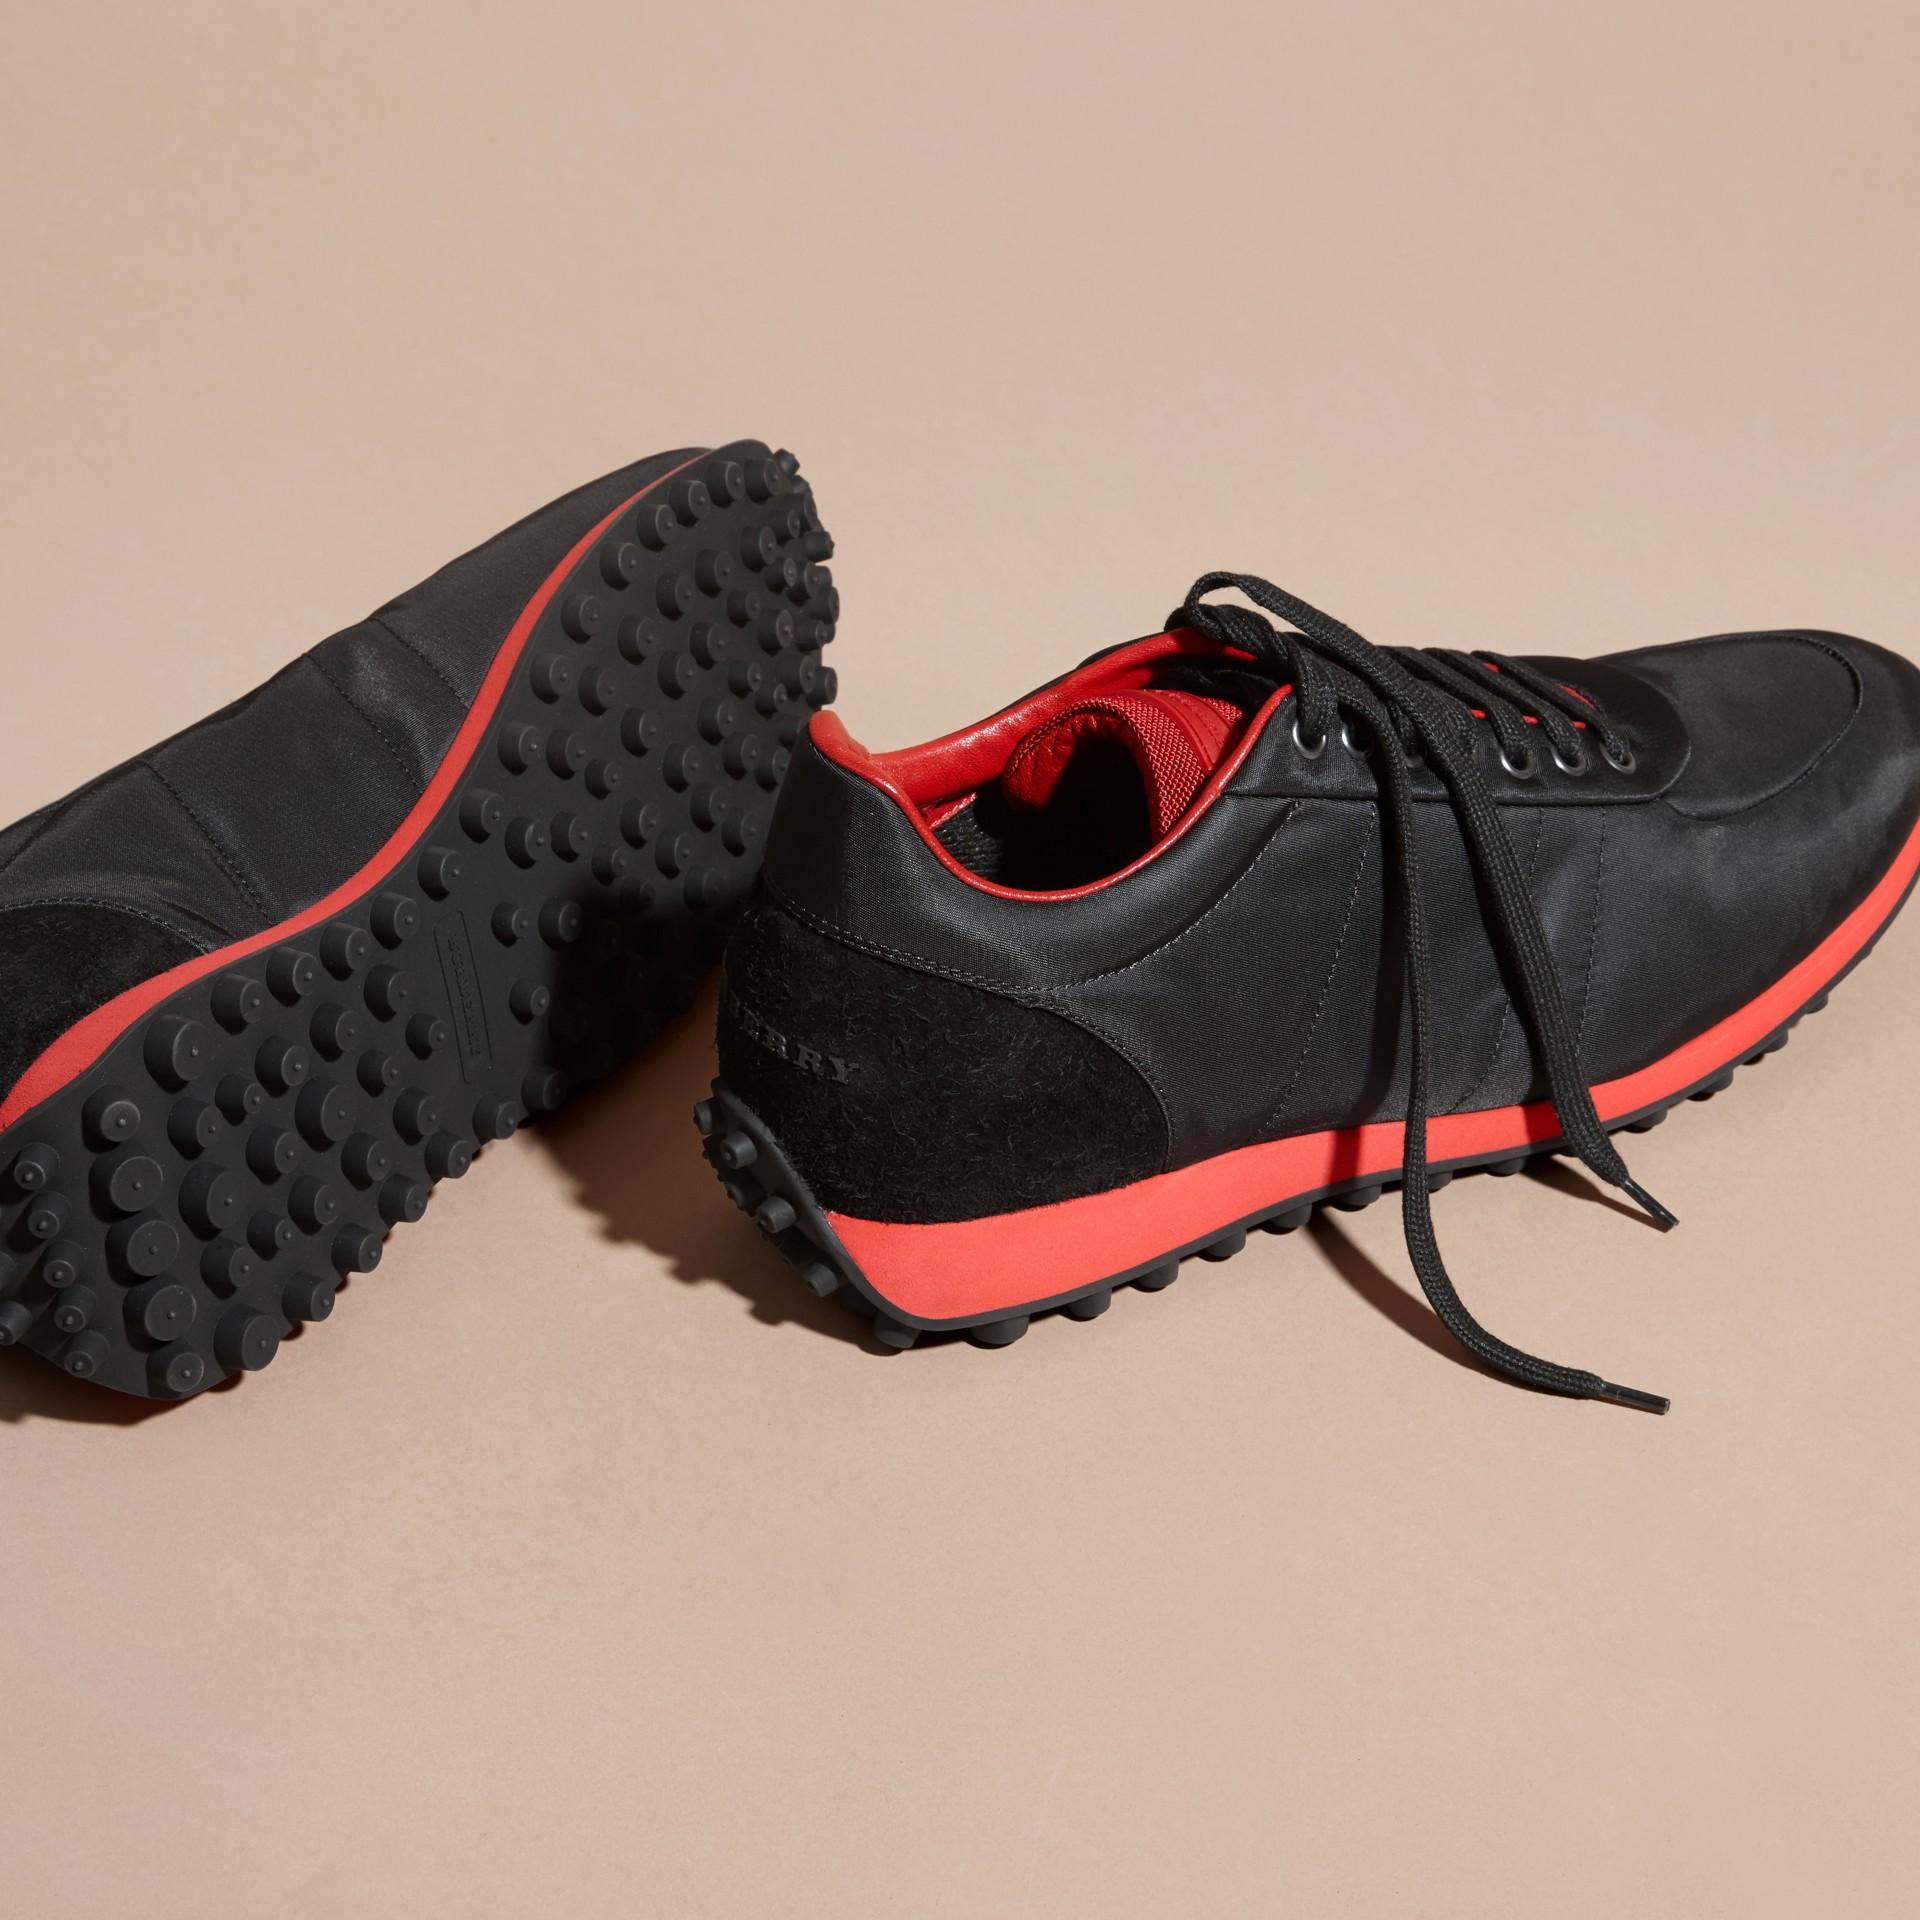 Nero/rosso militare Sneaker tecniche con finiture effetto texture Nero/rosso Militare - immagine della galleria 5